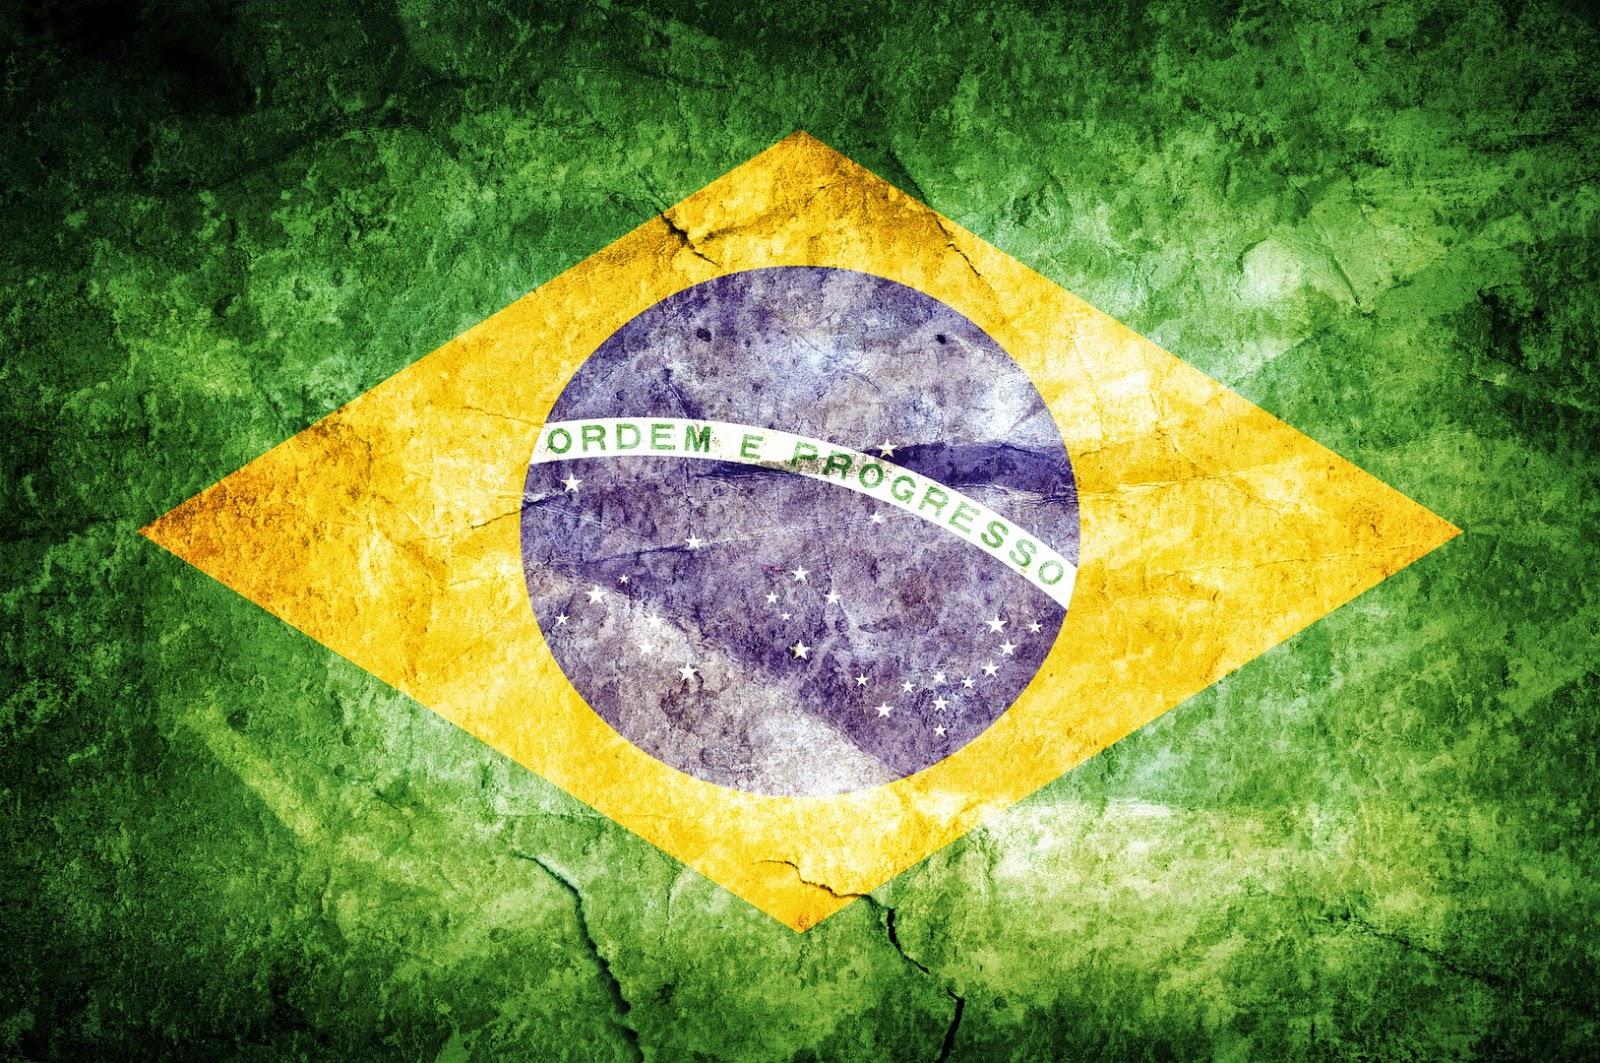 Brazil Flag World Cup 2014 Wallpaper desktop